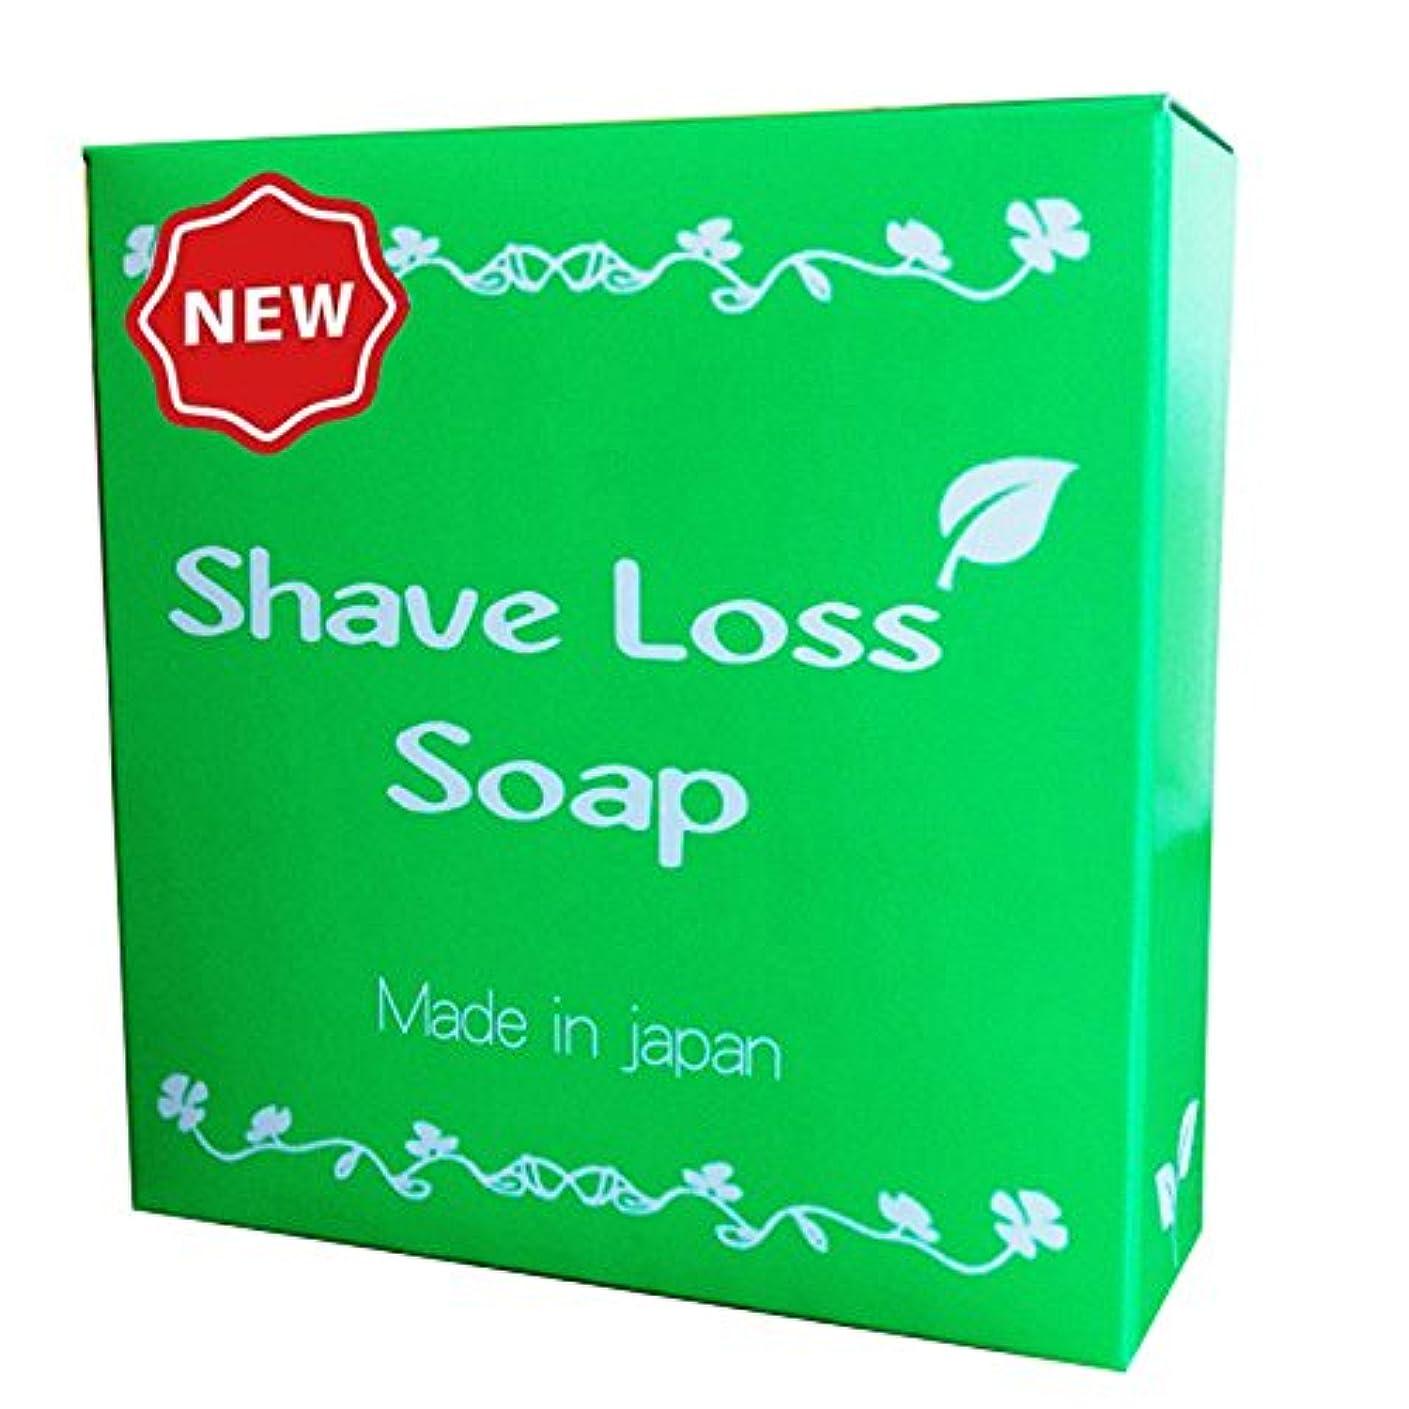 アマゾンジャングル崖不公平【NEW】Shave Loss Soap 女性の願いを叶える 石鹸 80g 「ダイズ種子エキス」 「ラレアディバリカタエキス」大幅増量タイプ